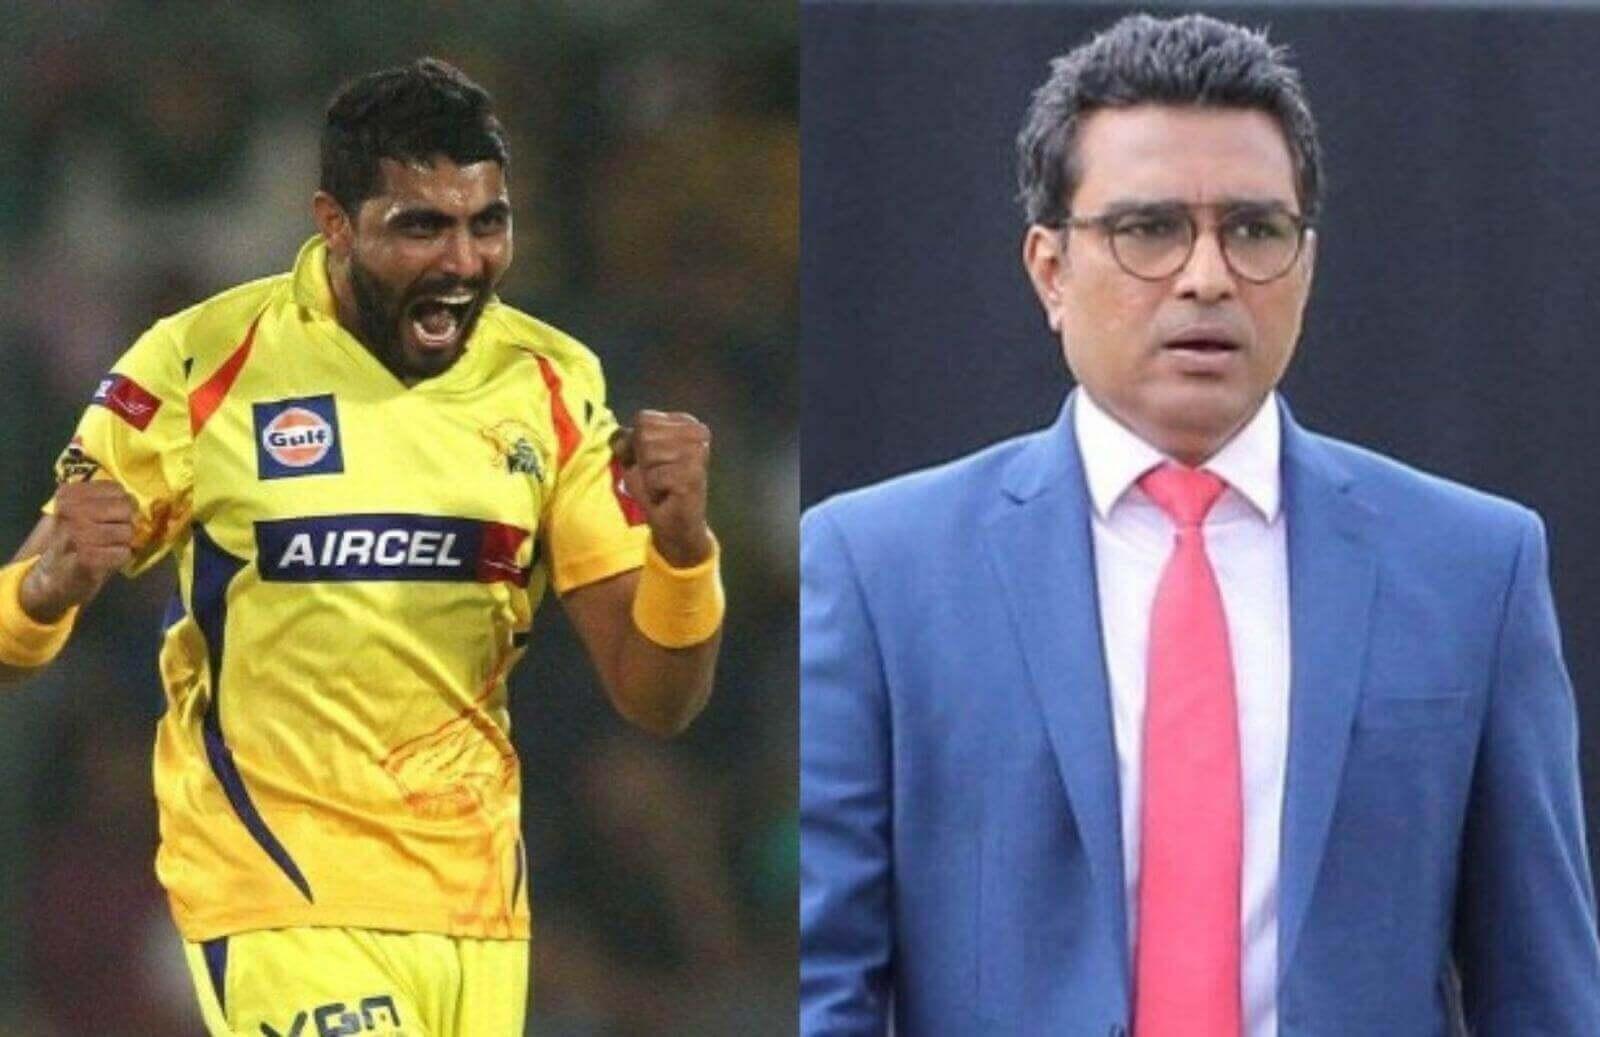 Best Sight In The World,'- Fans Troll Sanjay Manjrekar